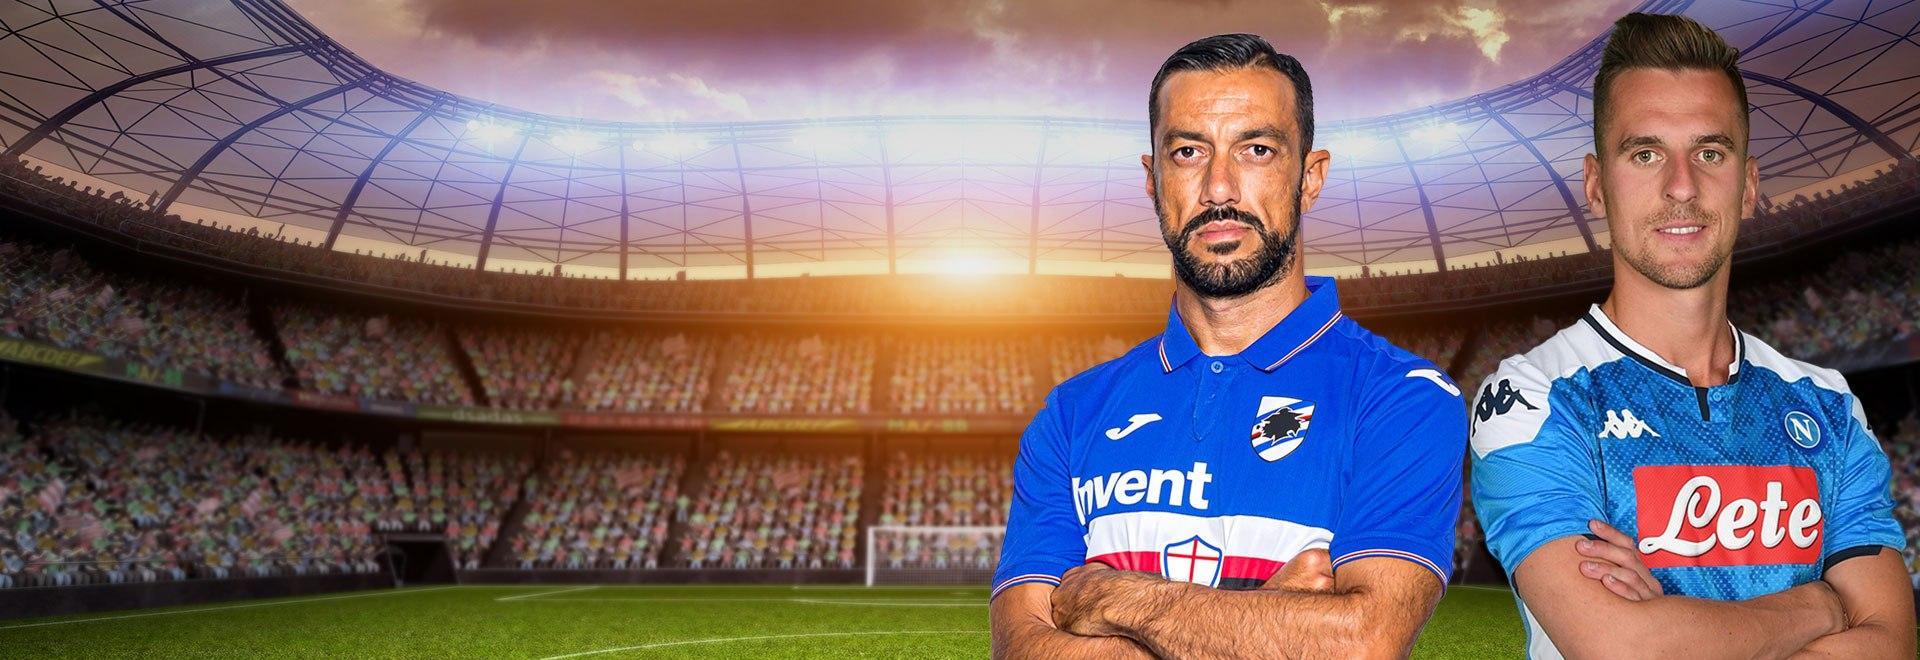 Sampdoria - Napoli. 22a g.